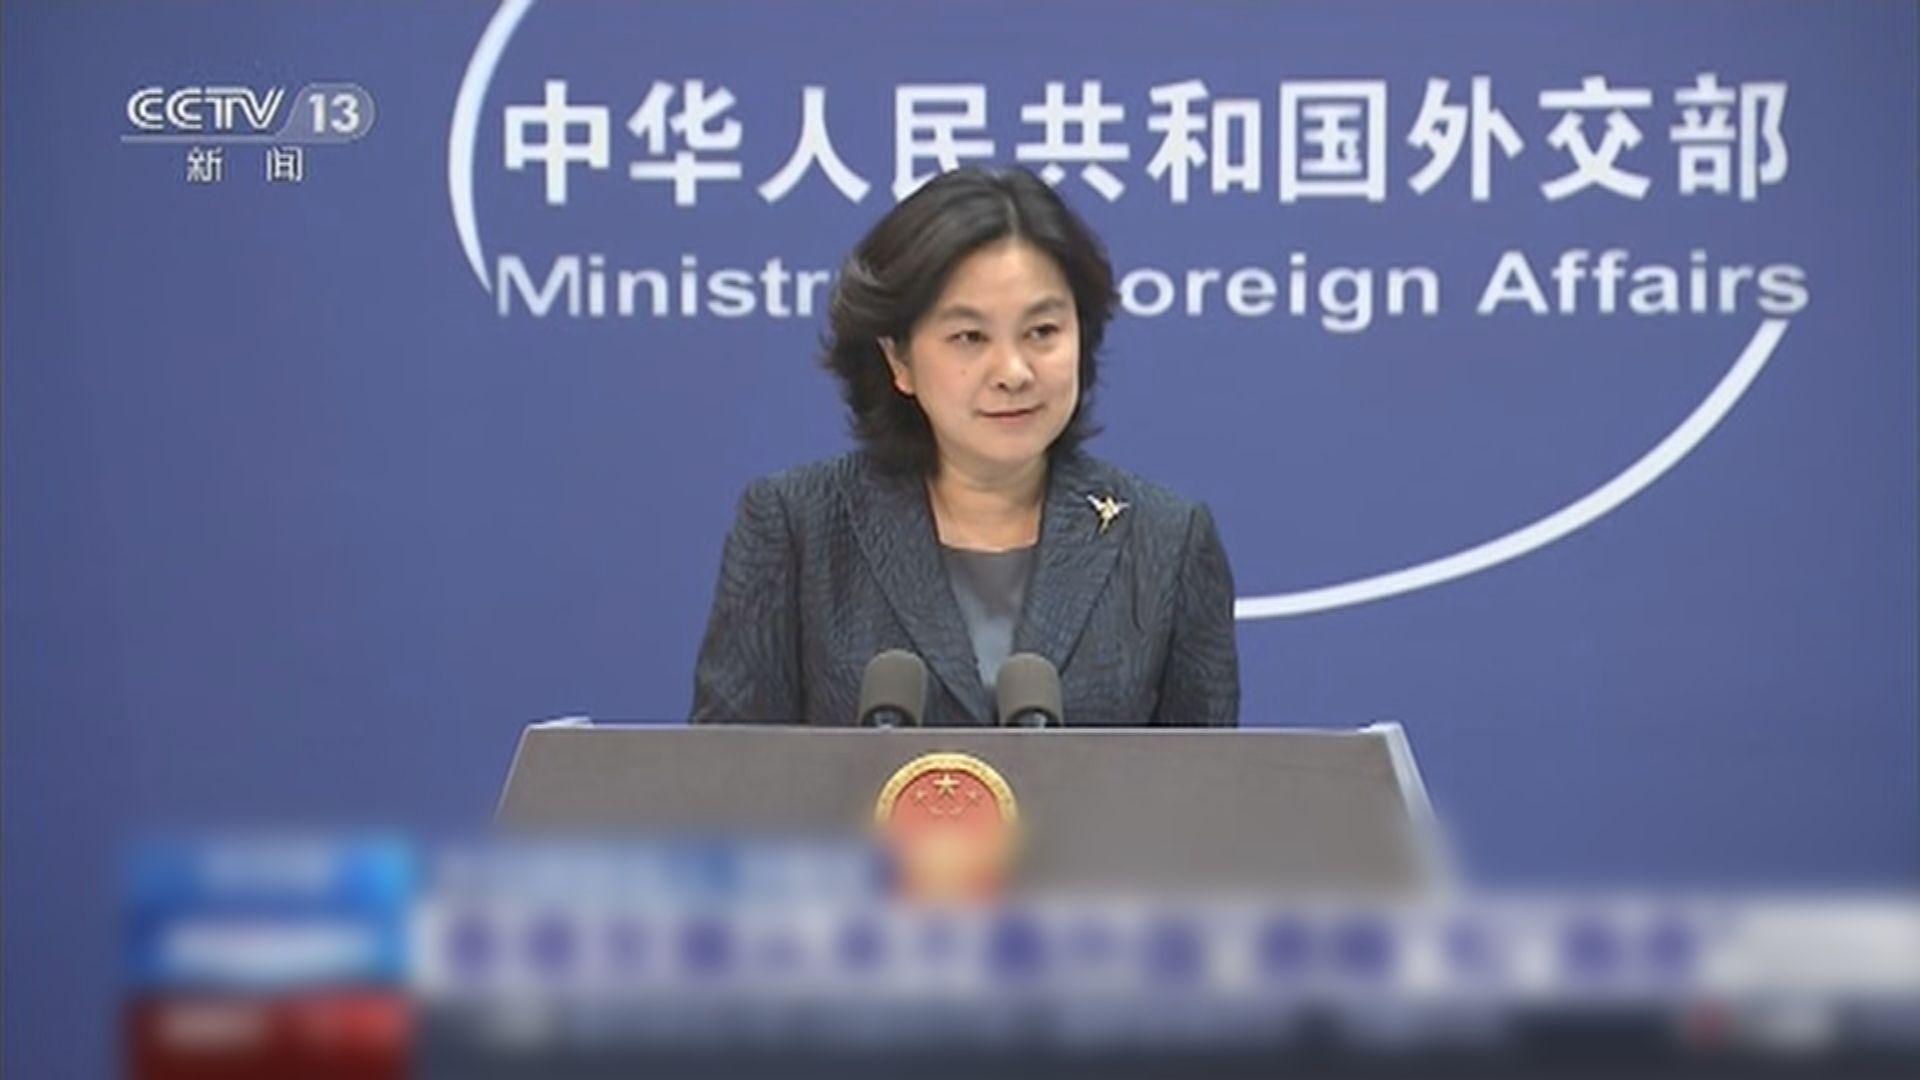 外交部指責美國報告嚴重干涉中國內政